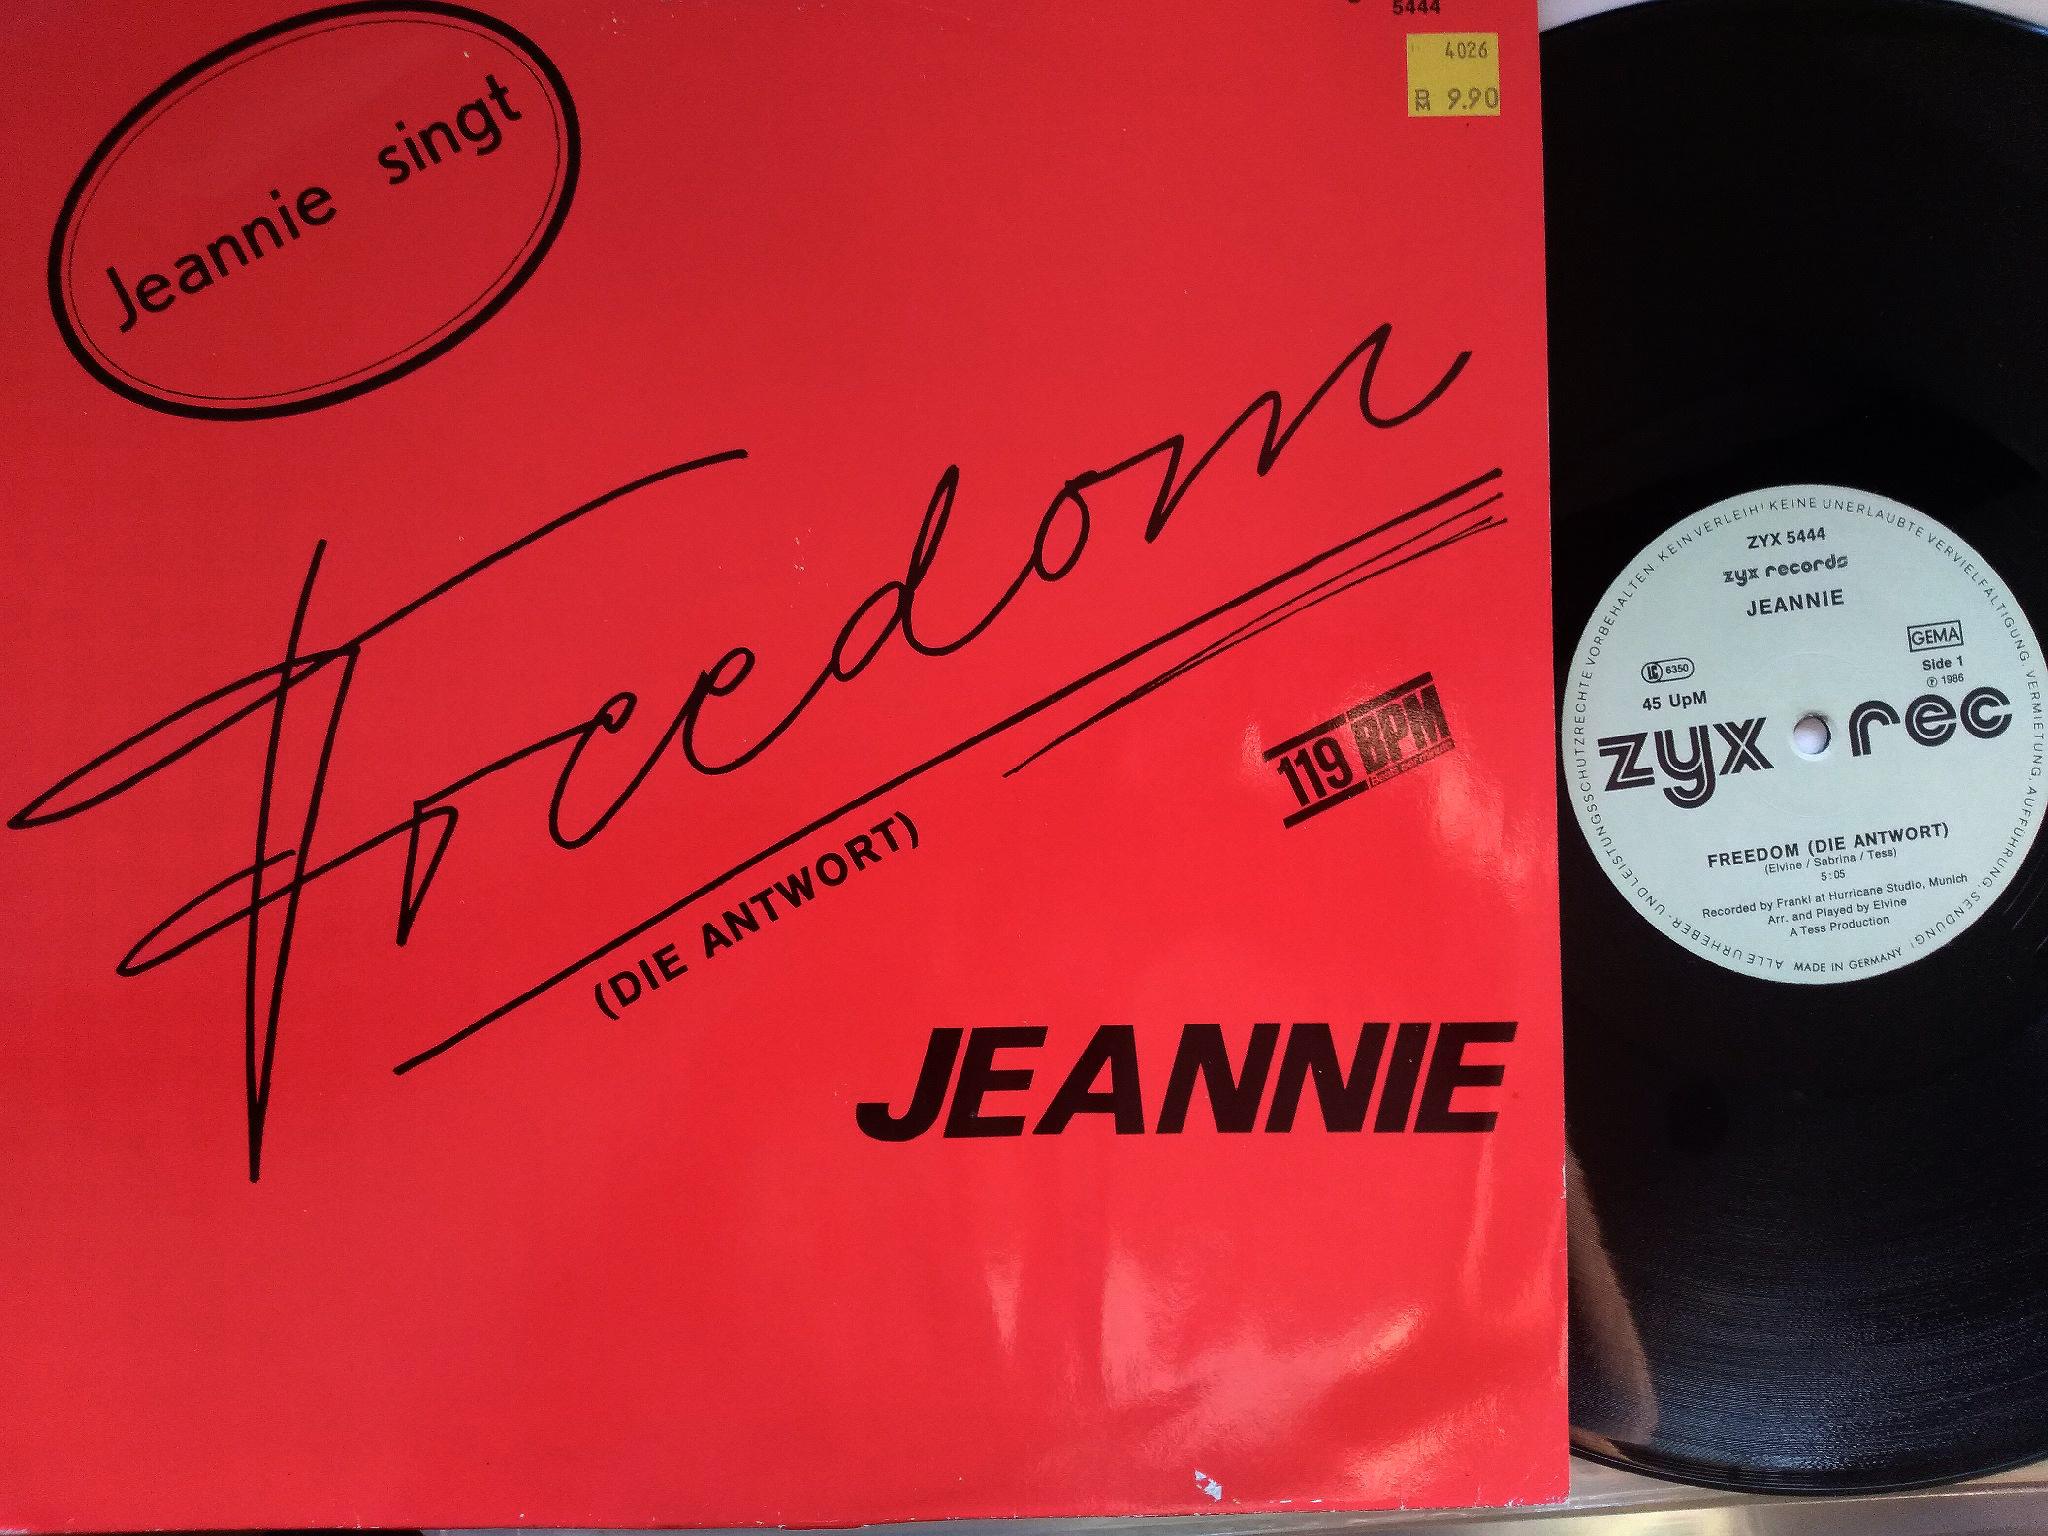 Jeannie - Freedom (Die Antwort)